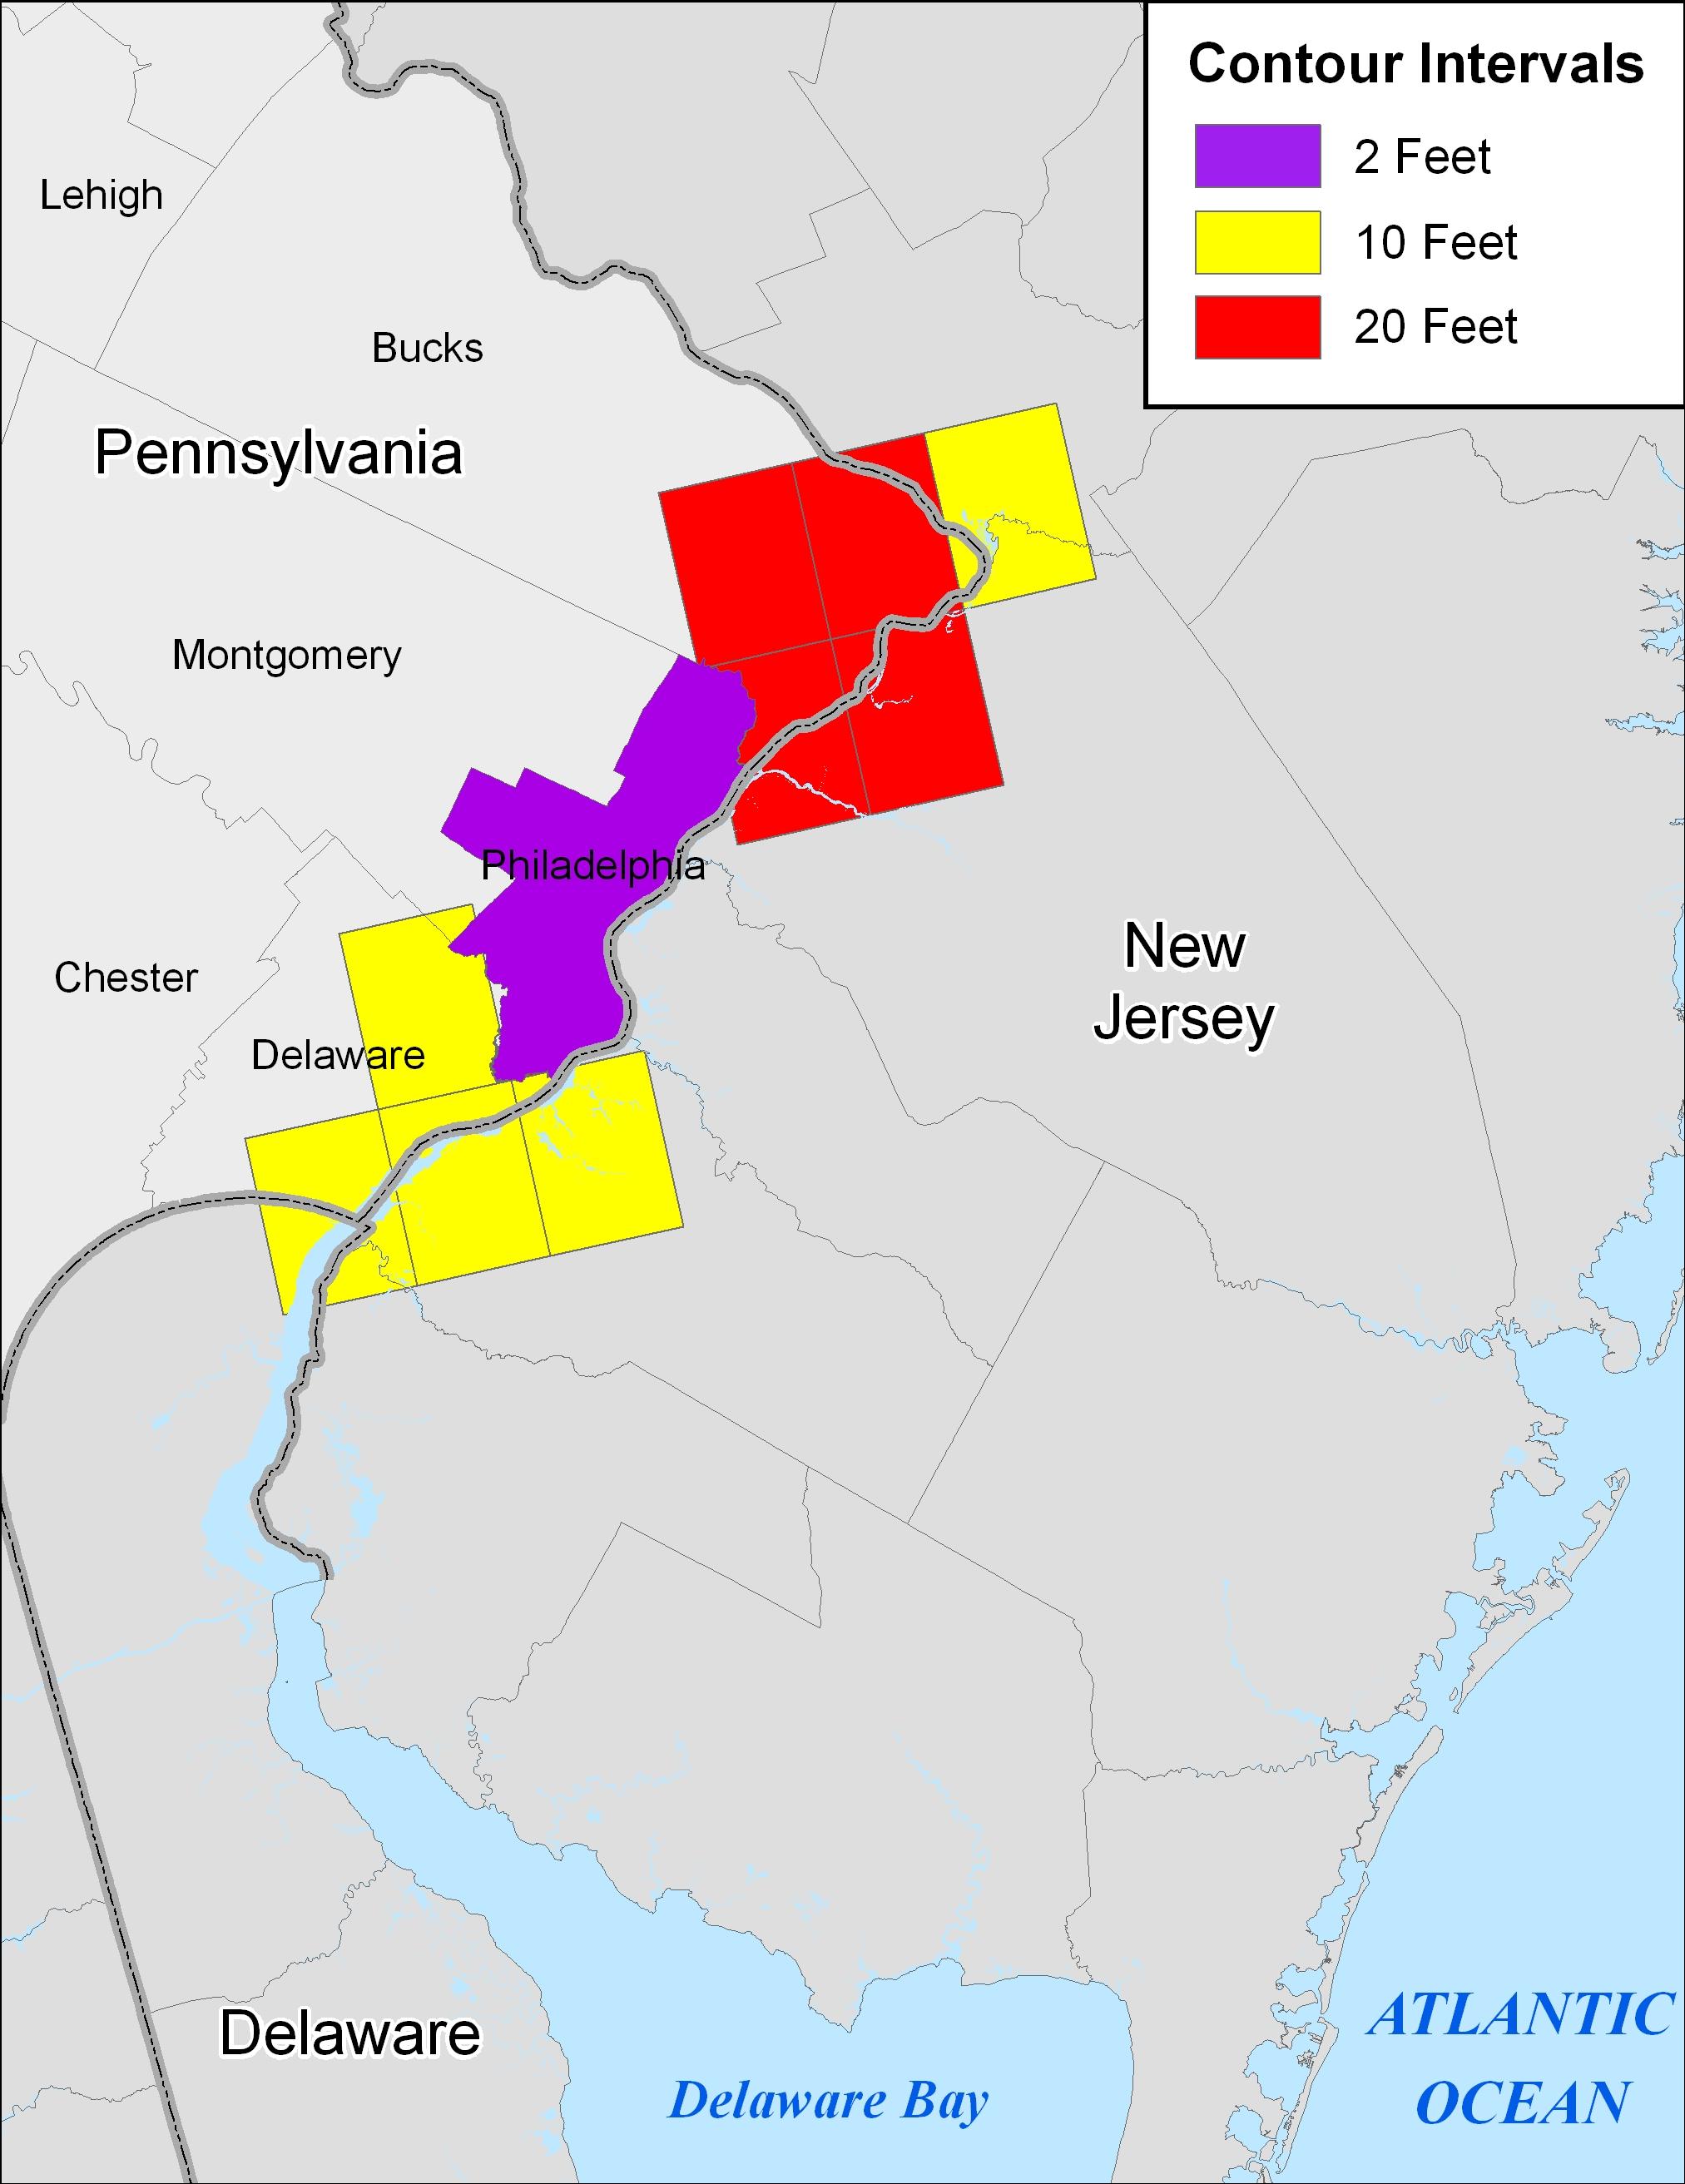 More Sea Level Rise Maps for Pennsylvania